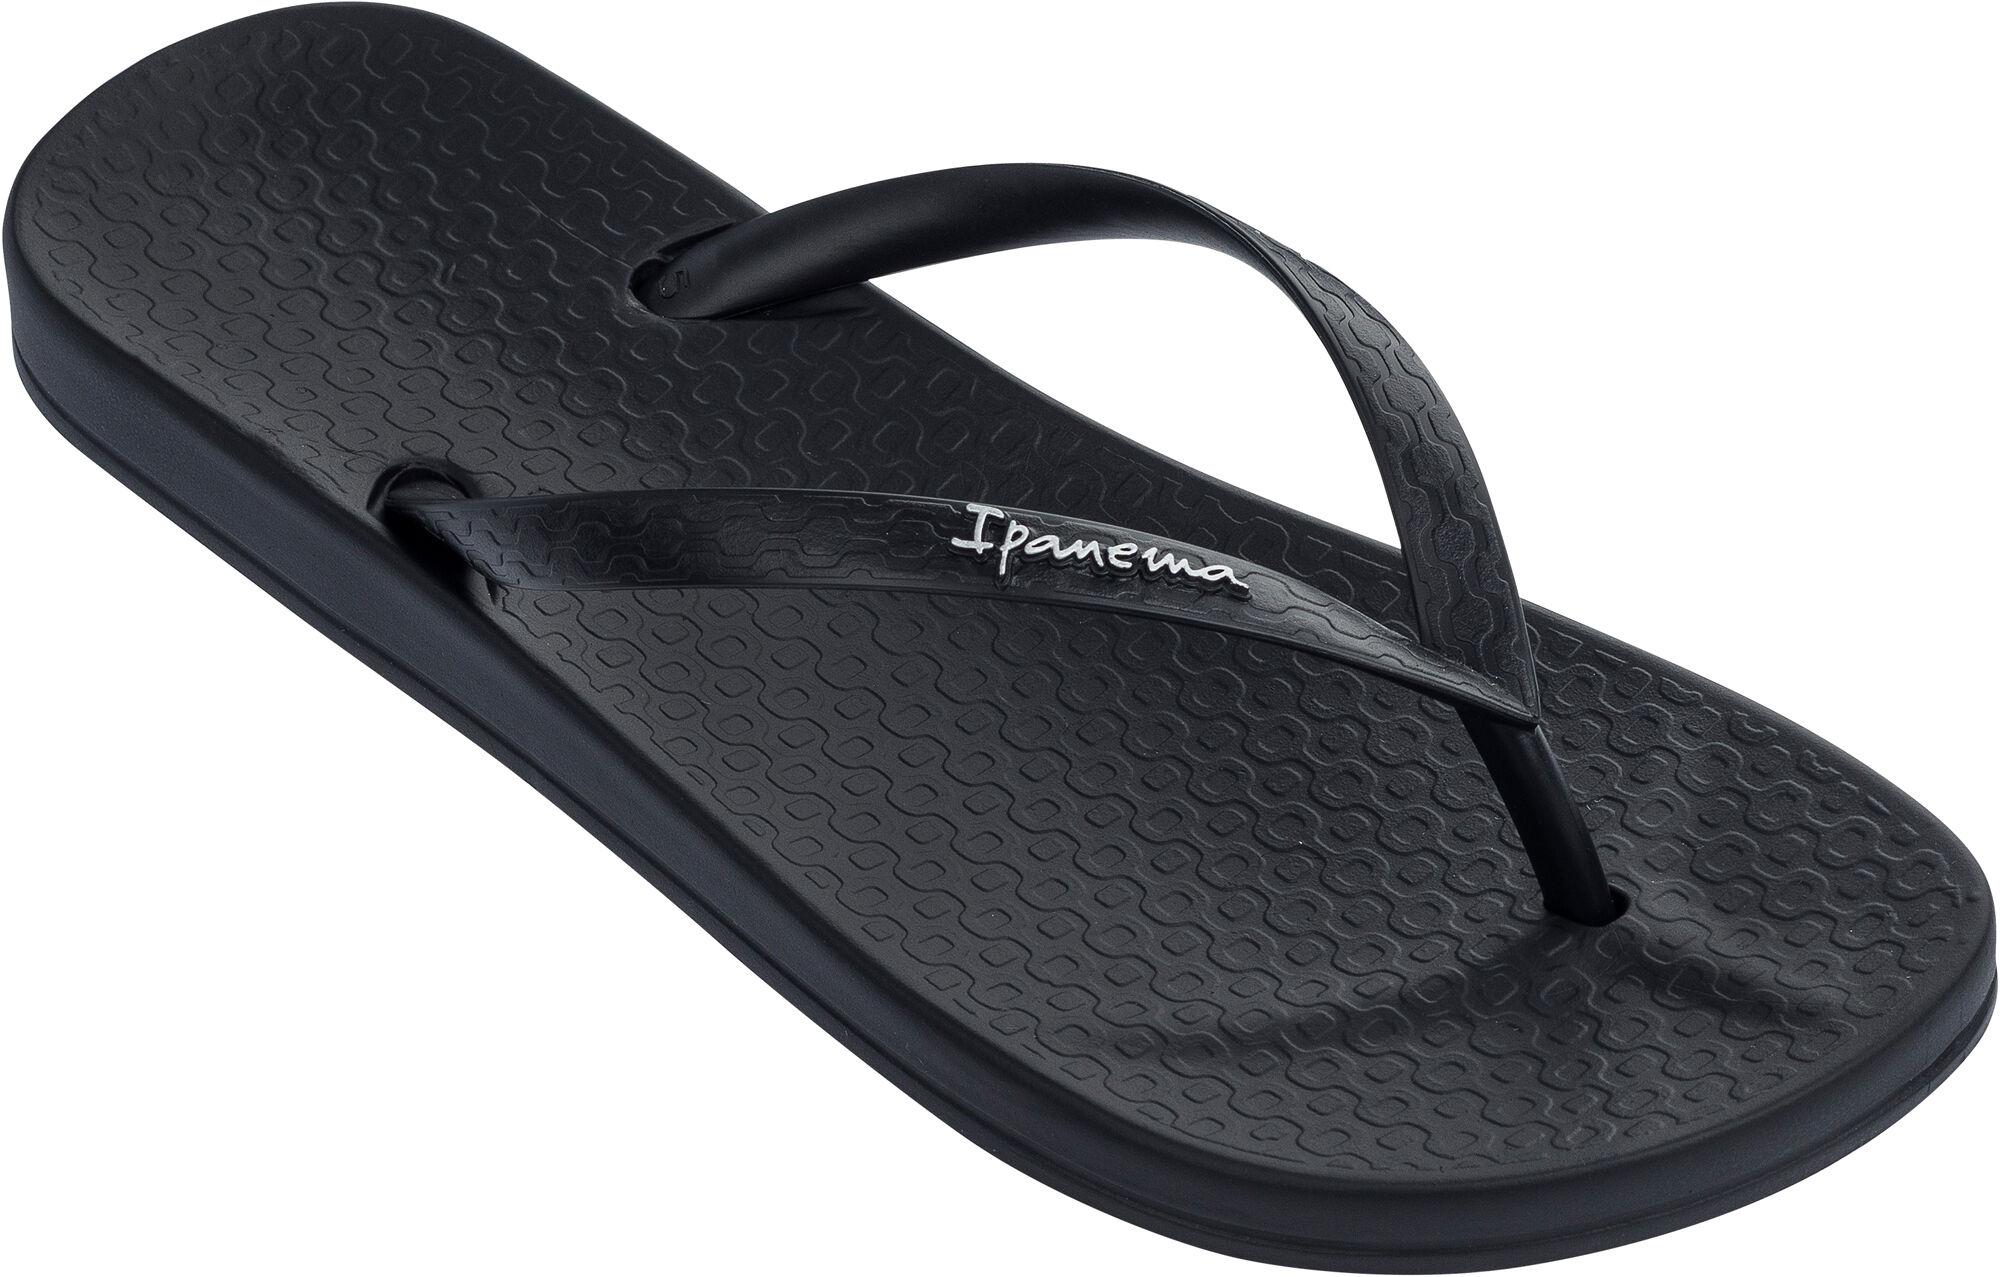 Sandalen & Zehentrenner für Damen kaufen   INTERSPORT